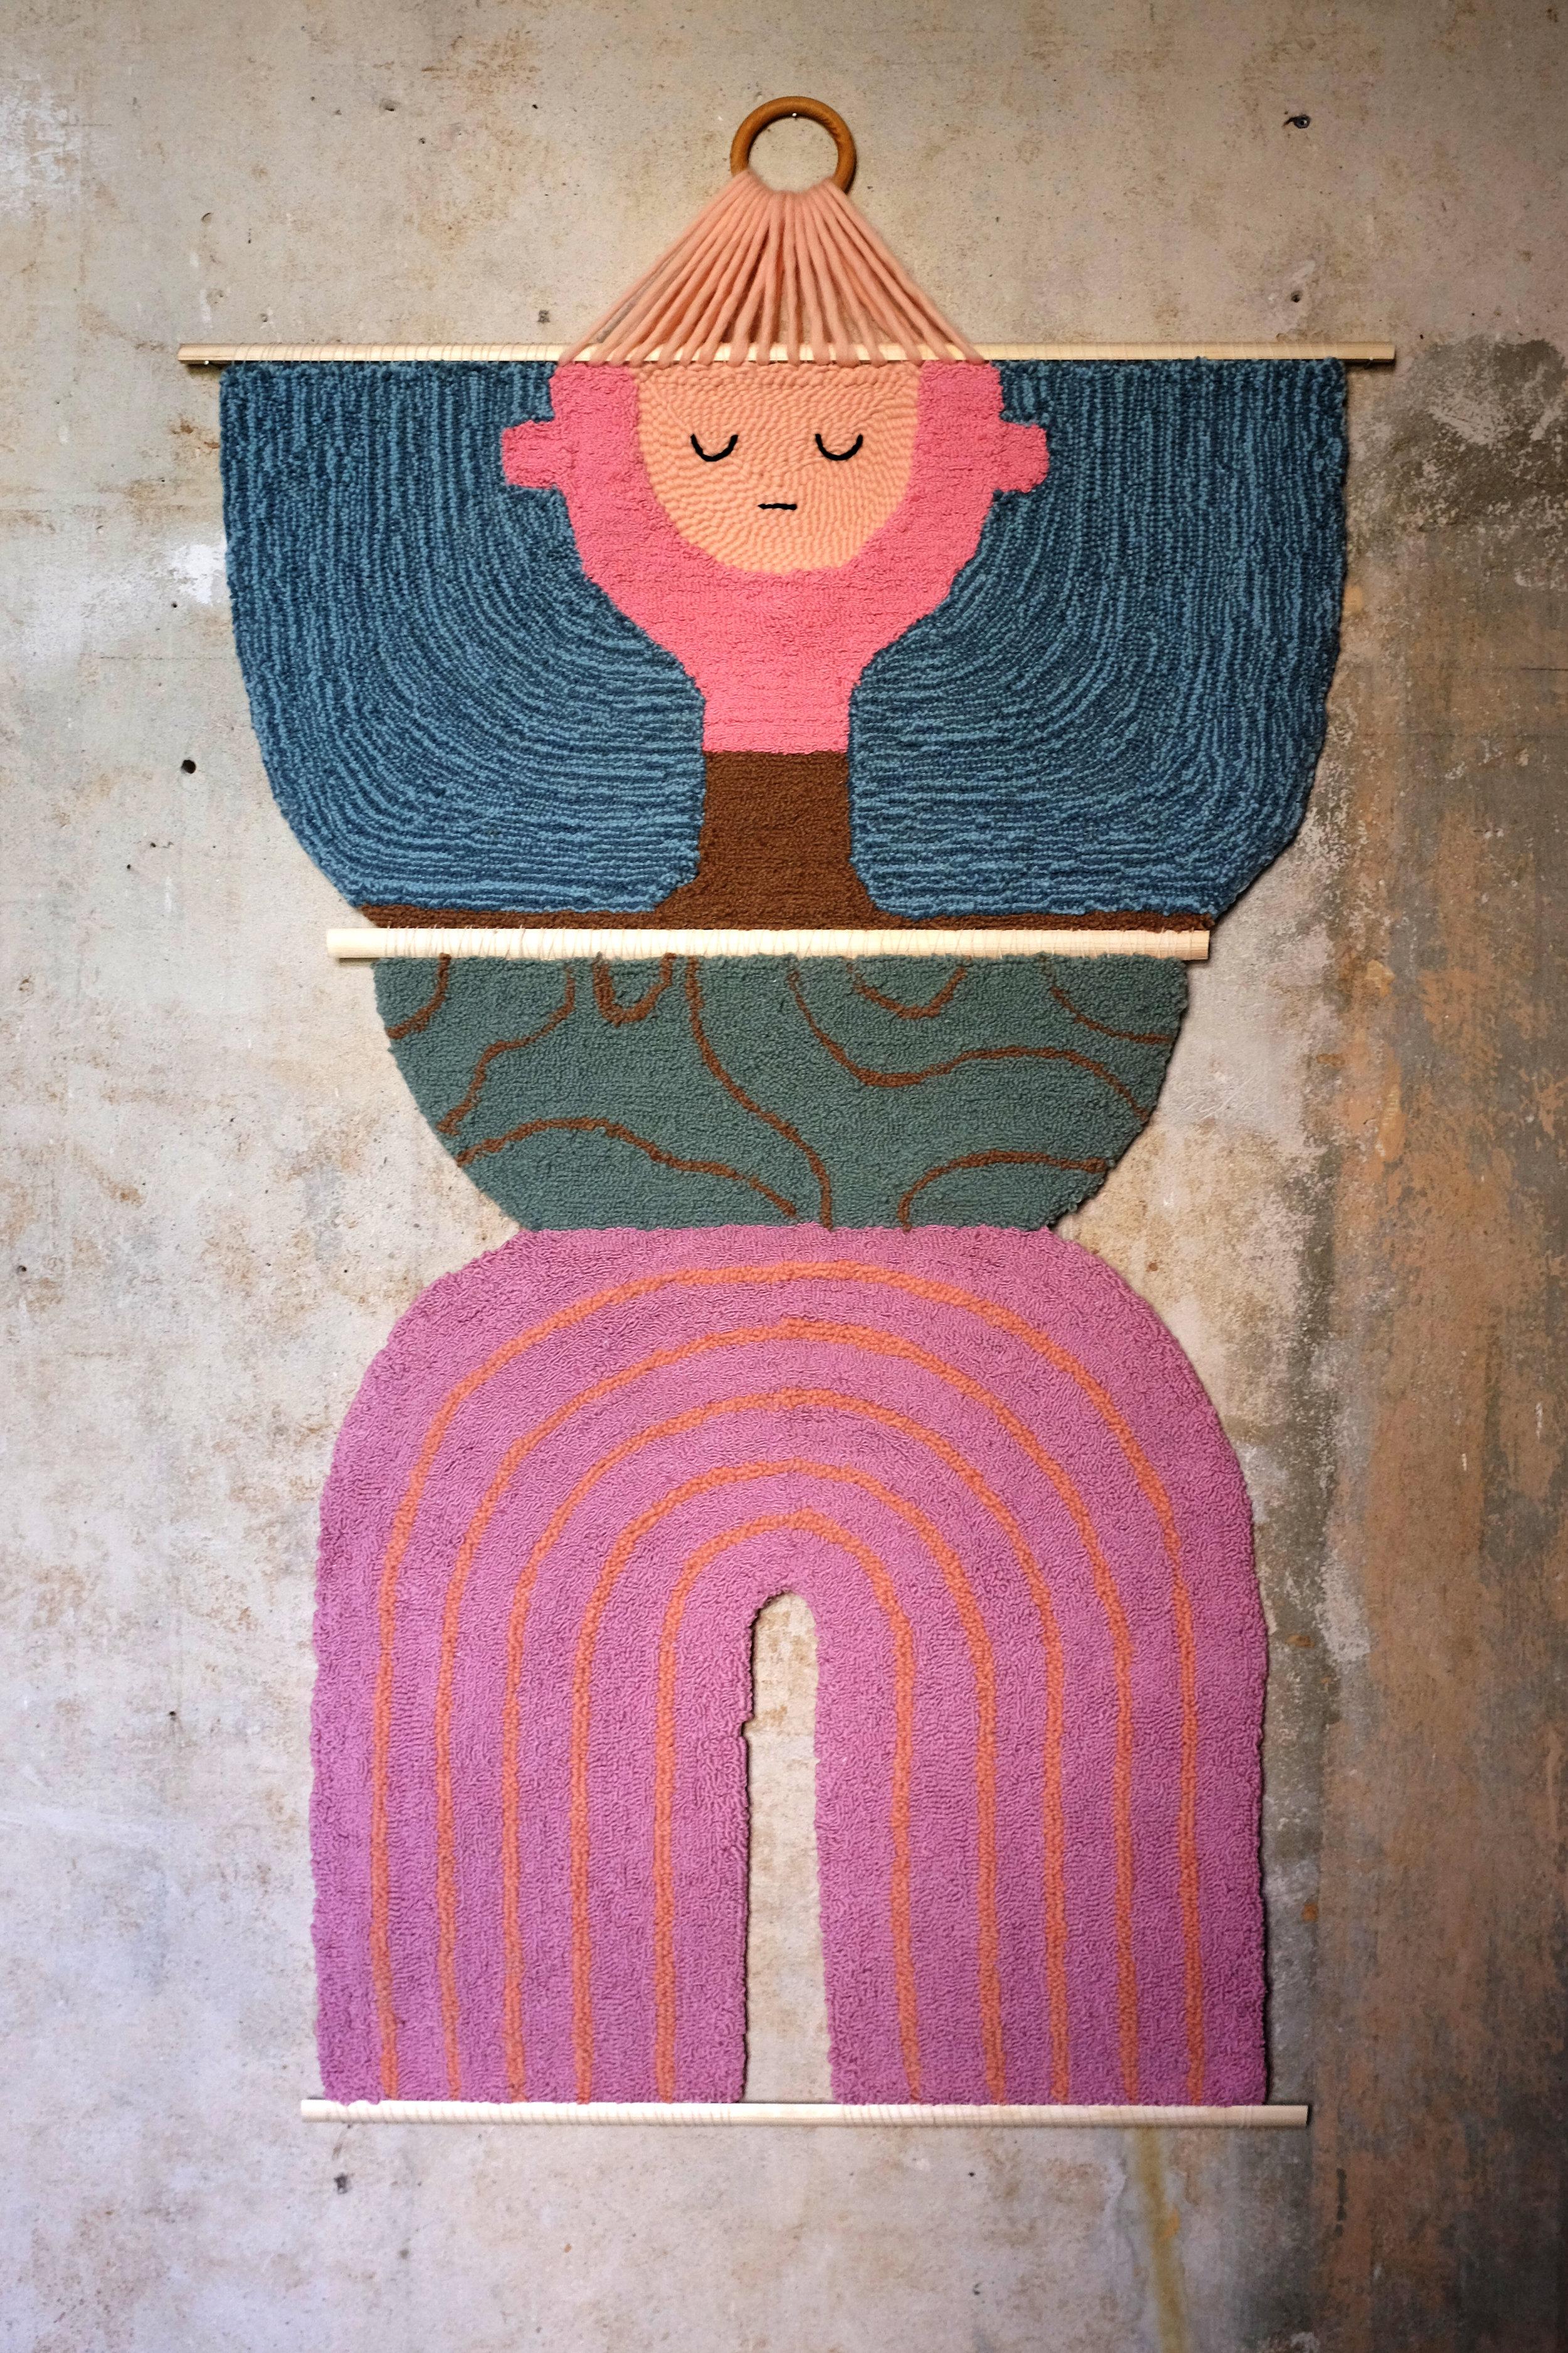 The wallhanging now lives at  Kuratiert gallery  in Kreuzberg, berlin